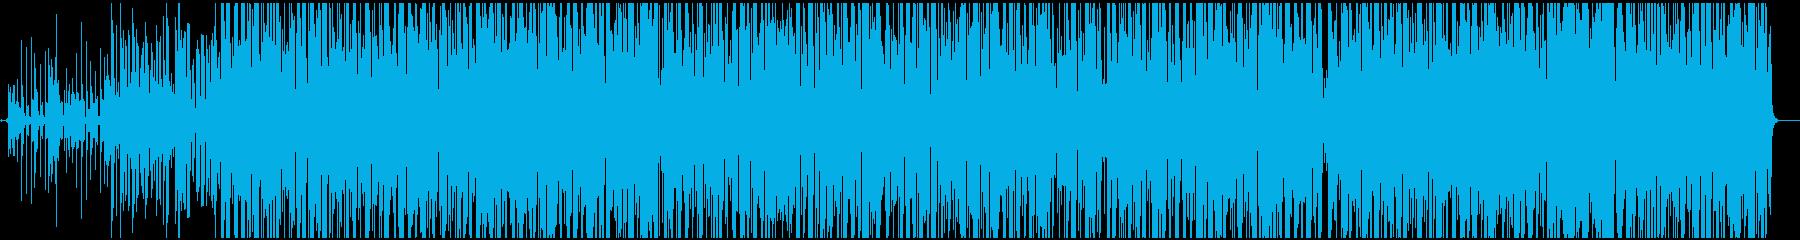 テンポの良い情熱系の再生済みの波形